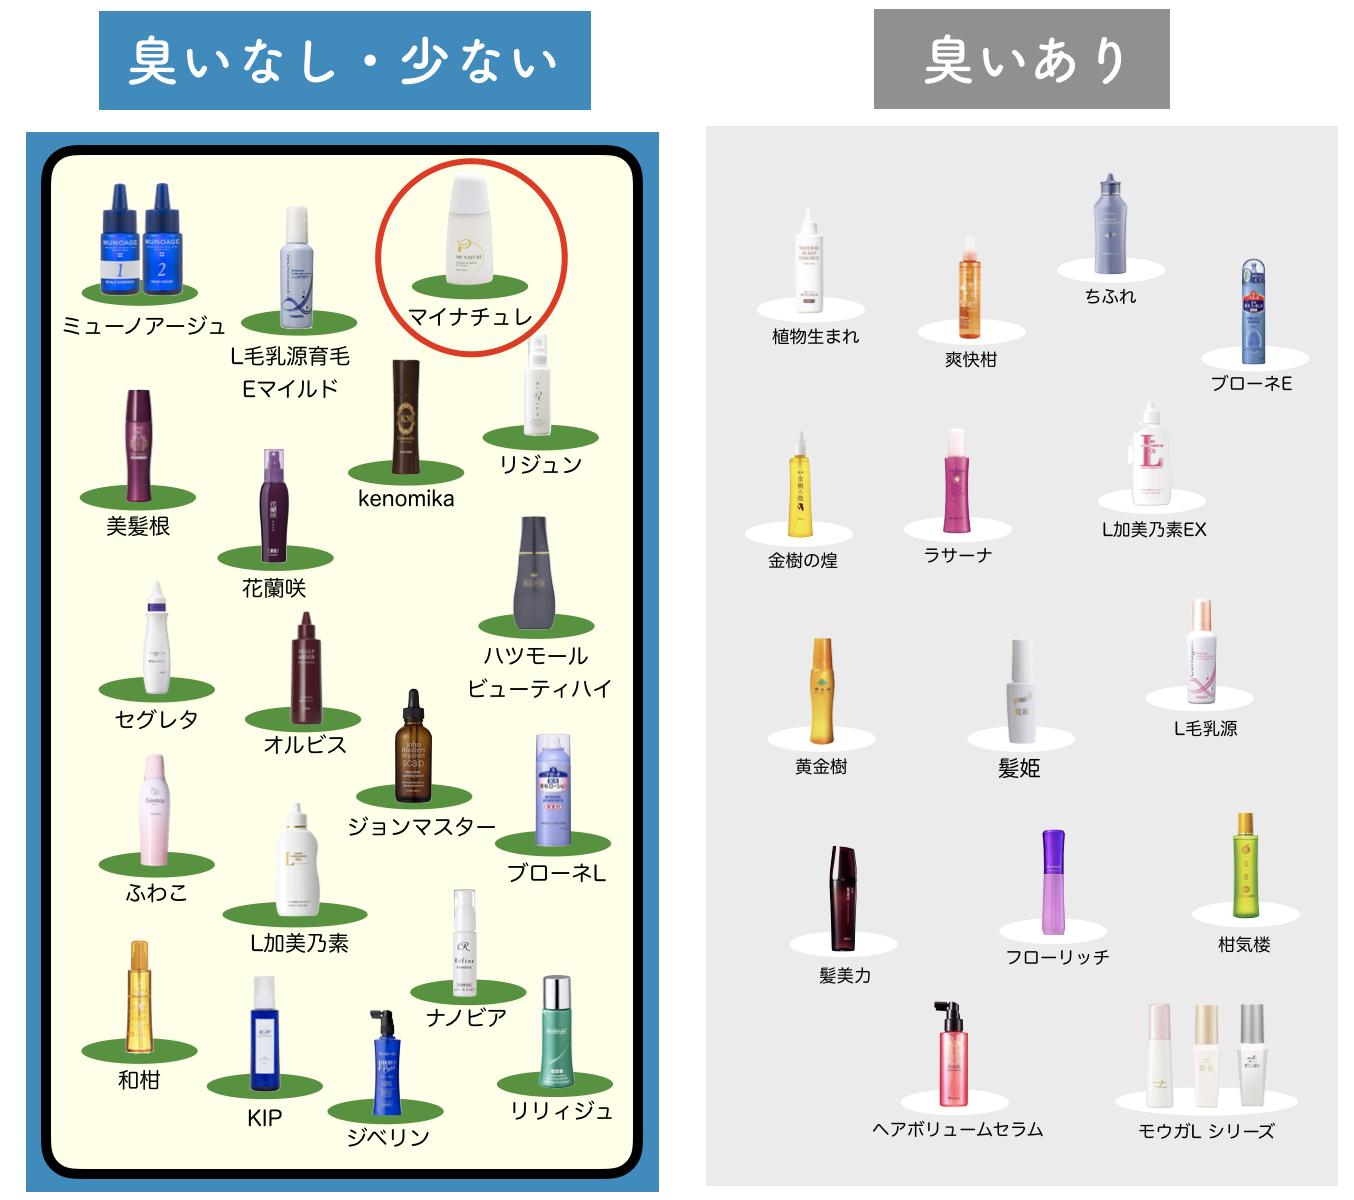 マイナチュレを女性育毛剤を68種比較した図-2